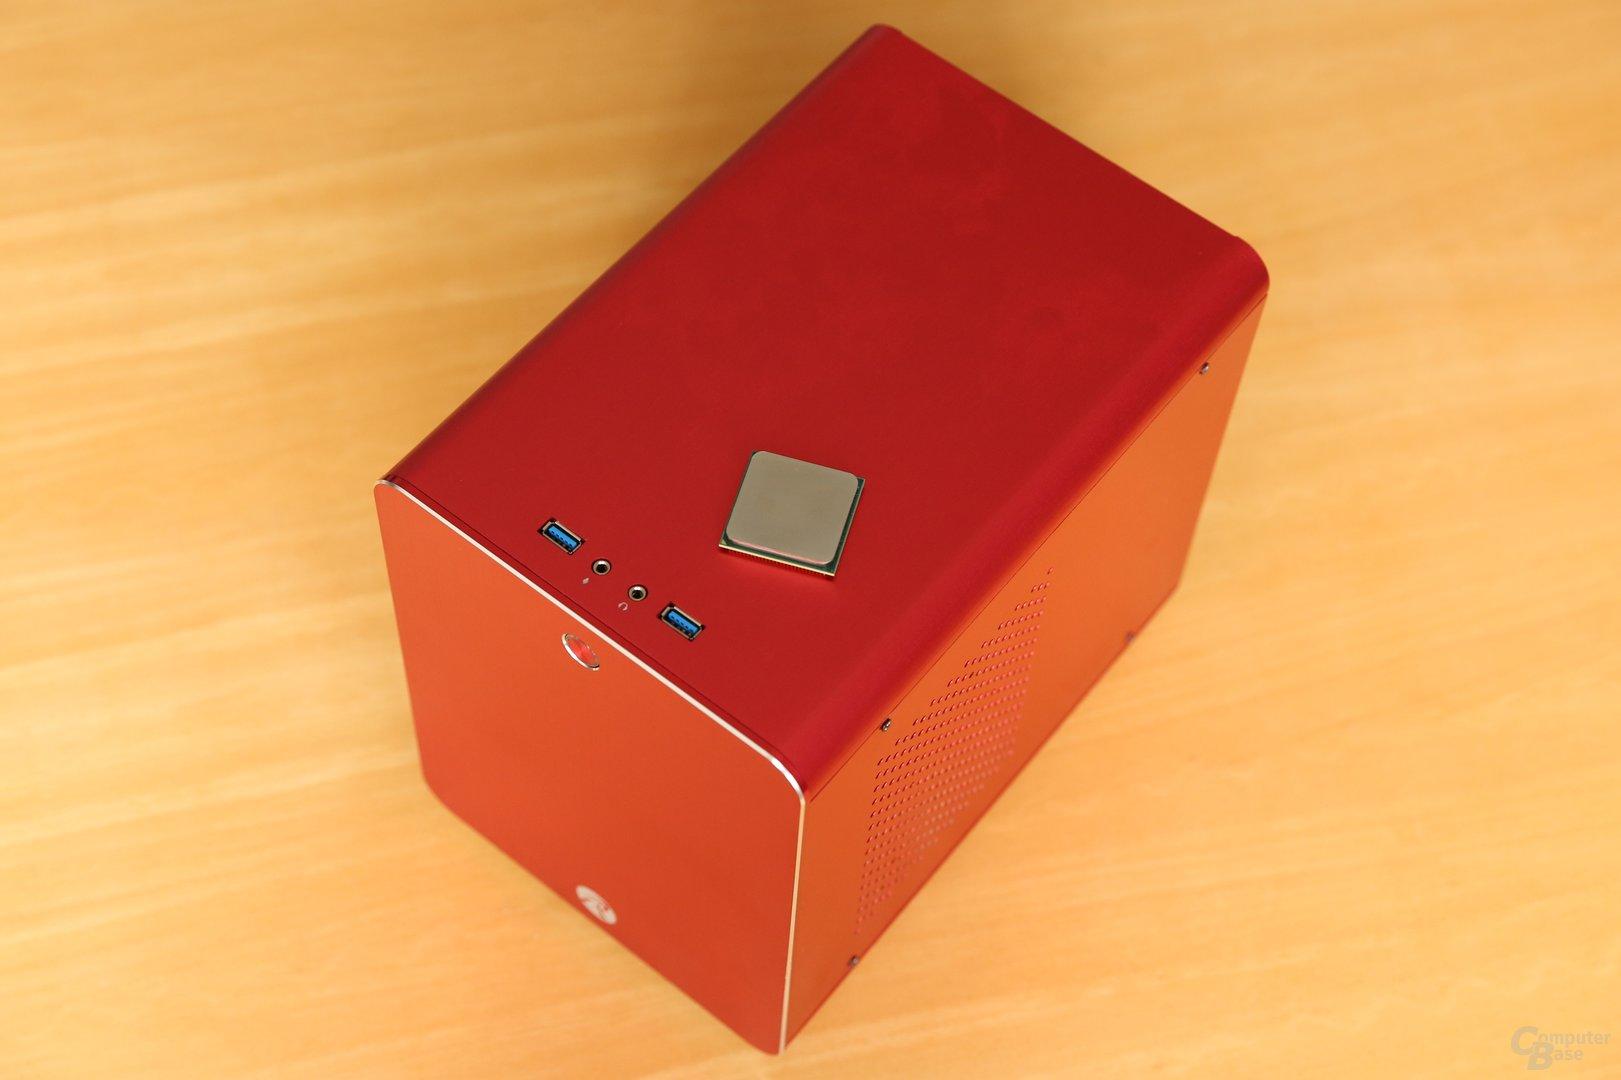 Caseking bietet zum Start ein Mini-ITX-System auf Basis der neuen APU